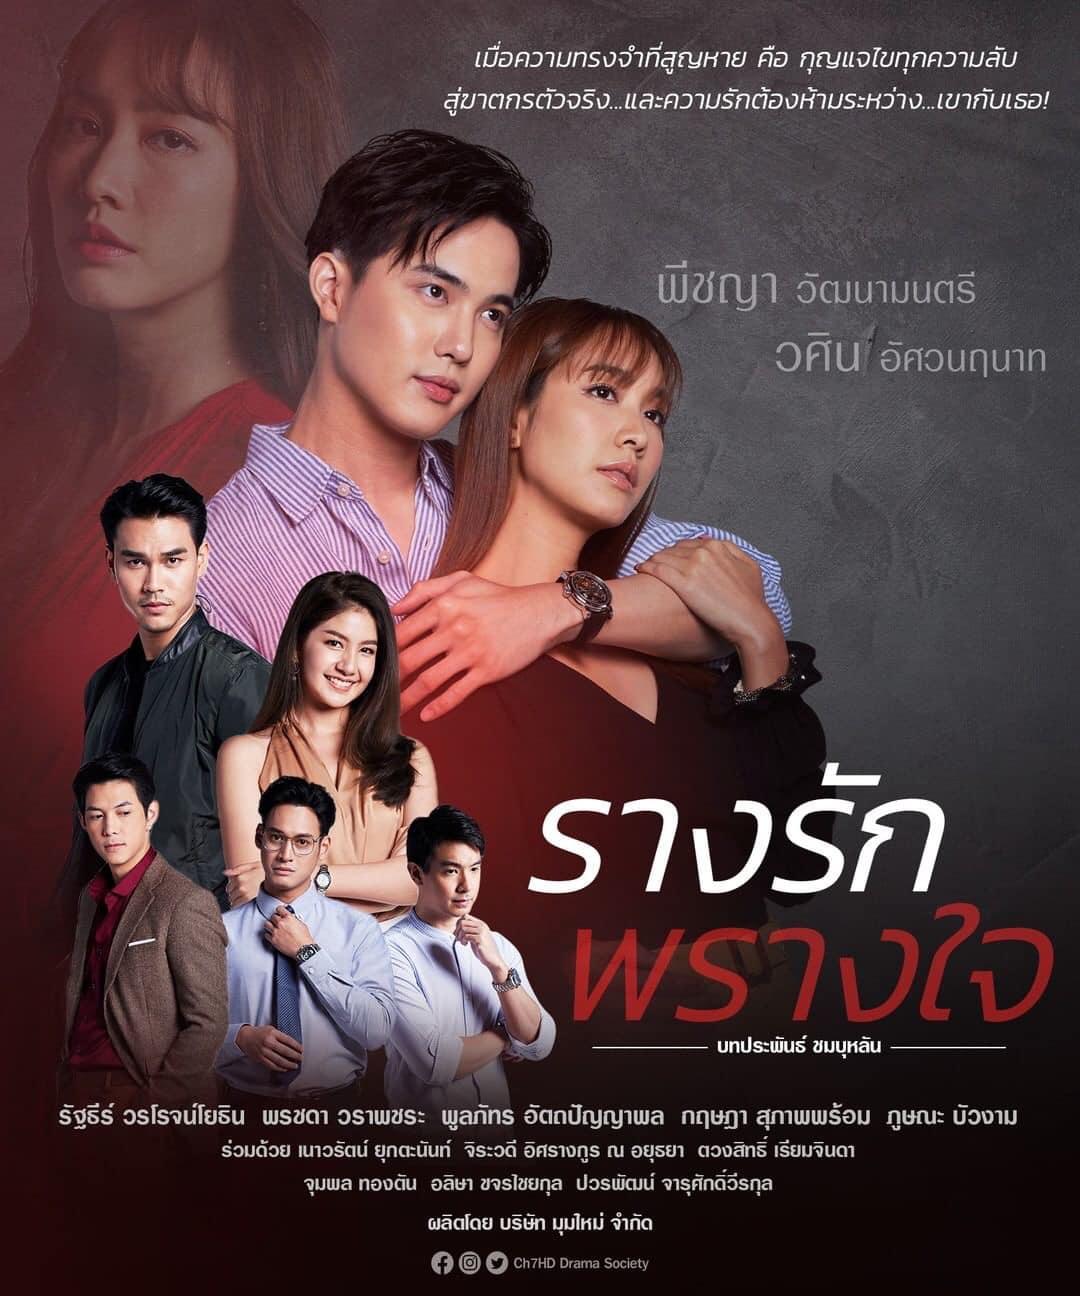 Ngụy Trang Tình Yêu - Rang Rak Prang Jai (2020)